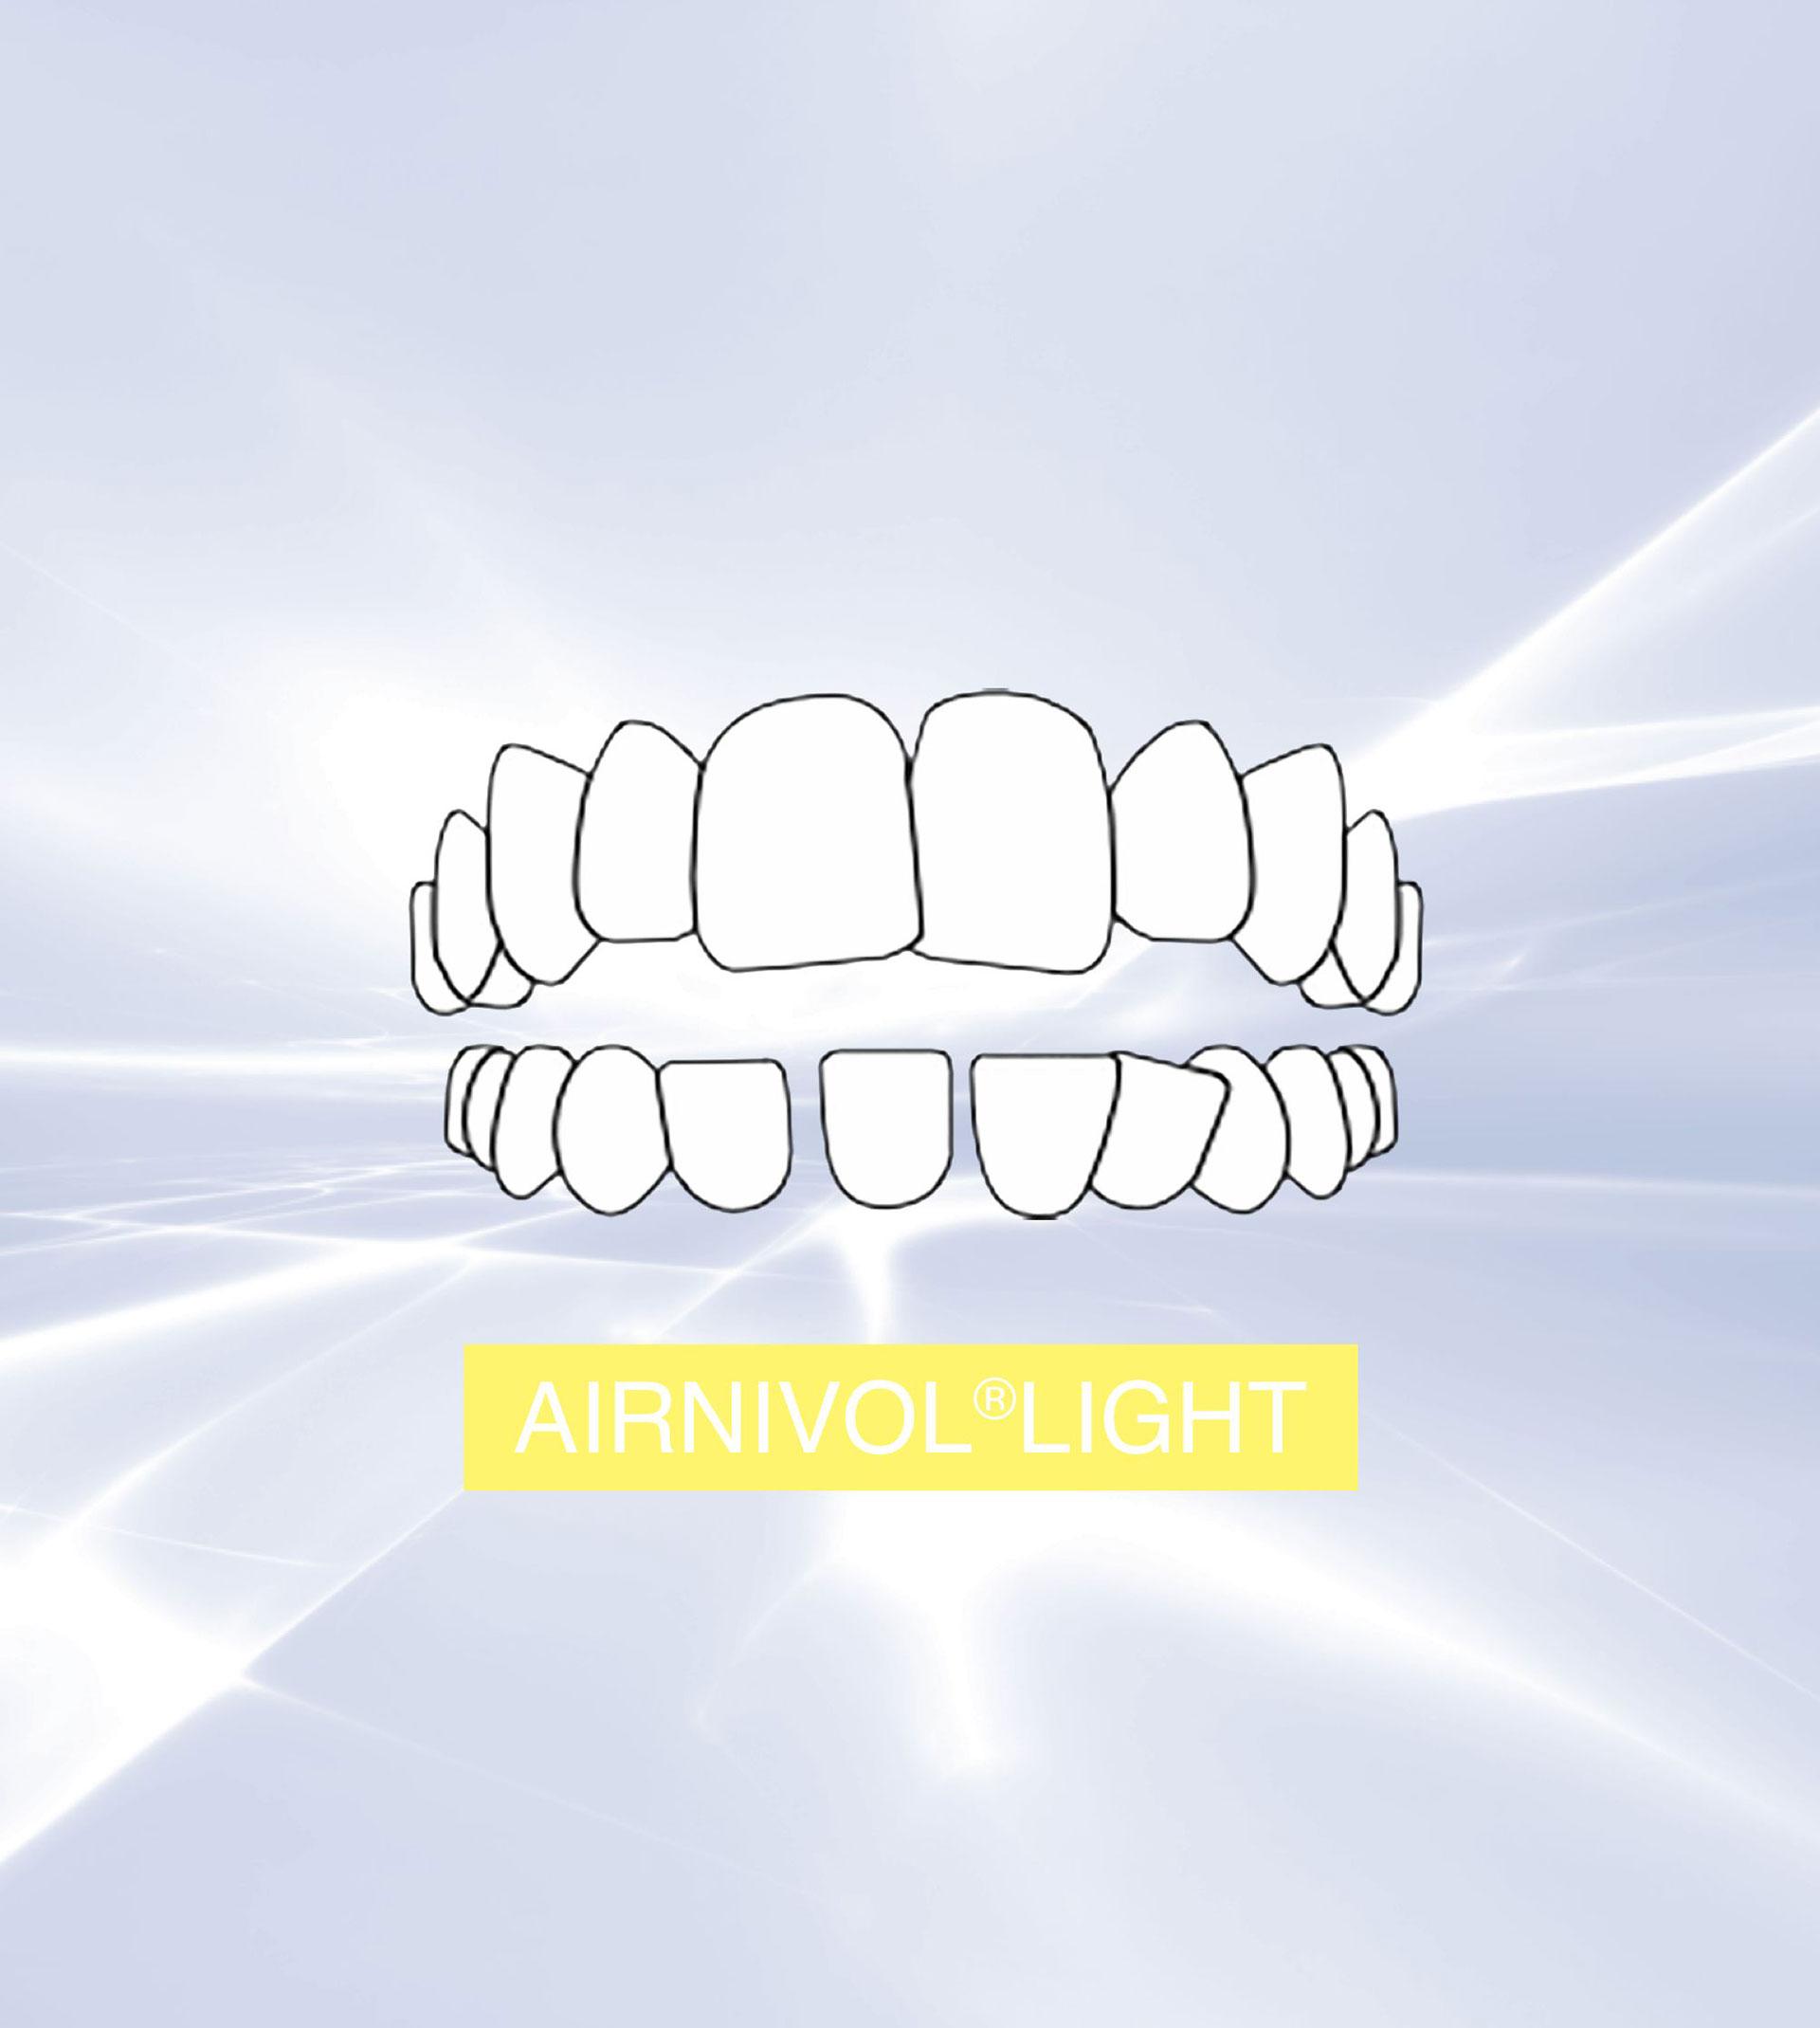 airnivol-light